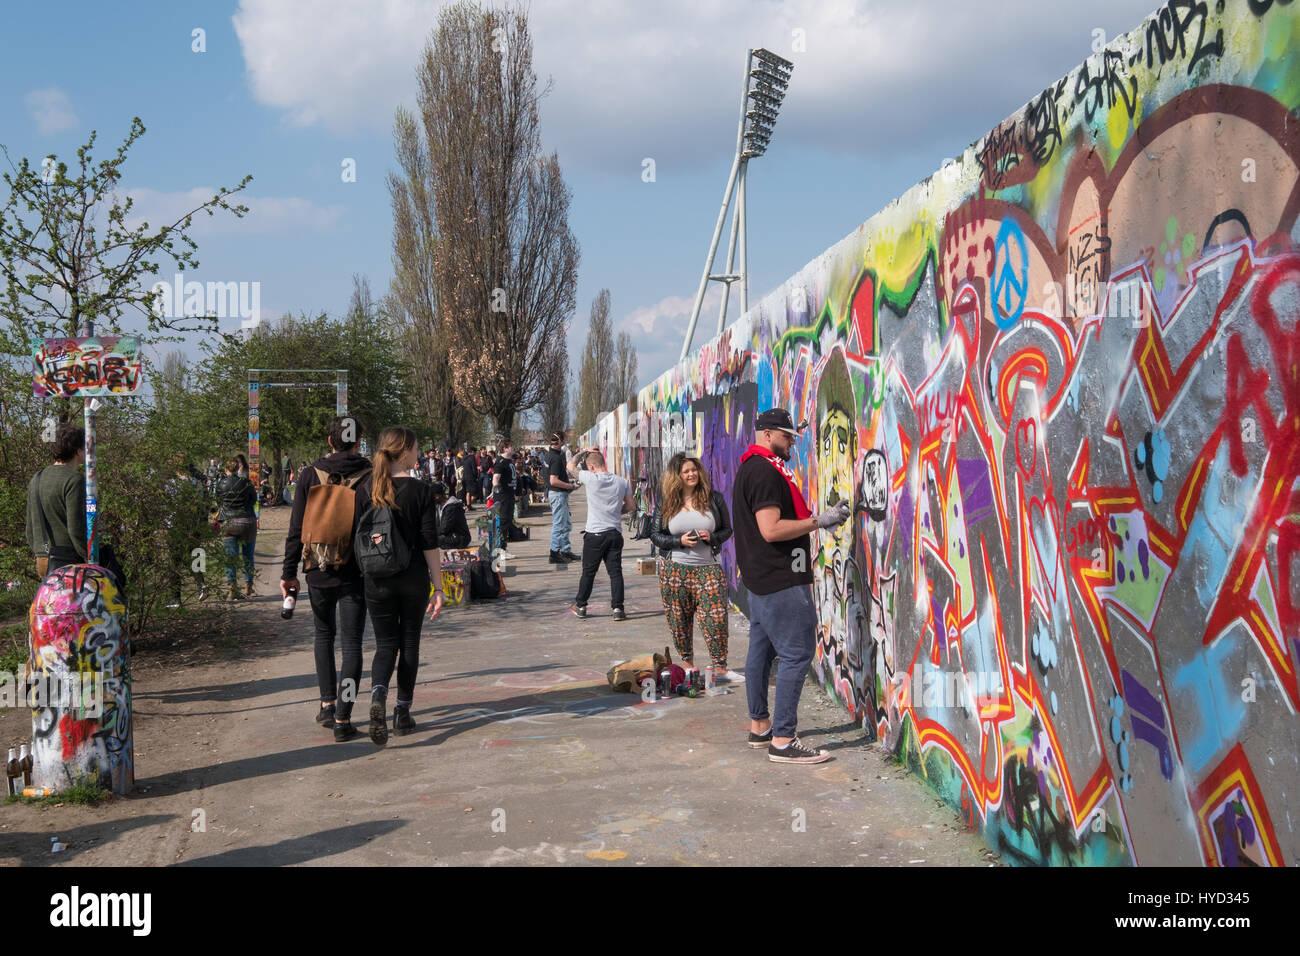 Grafiti wall berlin - Berlin Germany April 02 2017 Graffiti Wall At Park Mauerpark In Berlin Germany